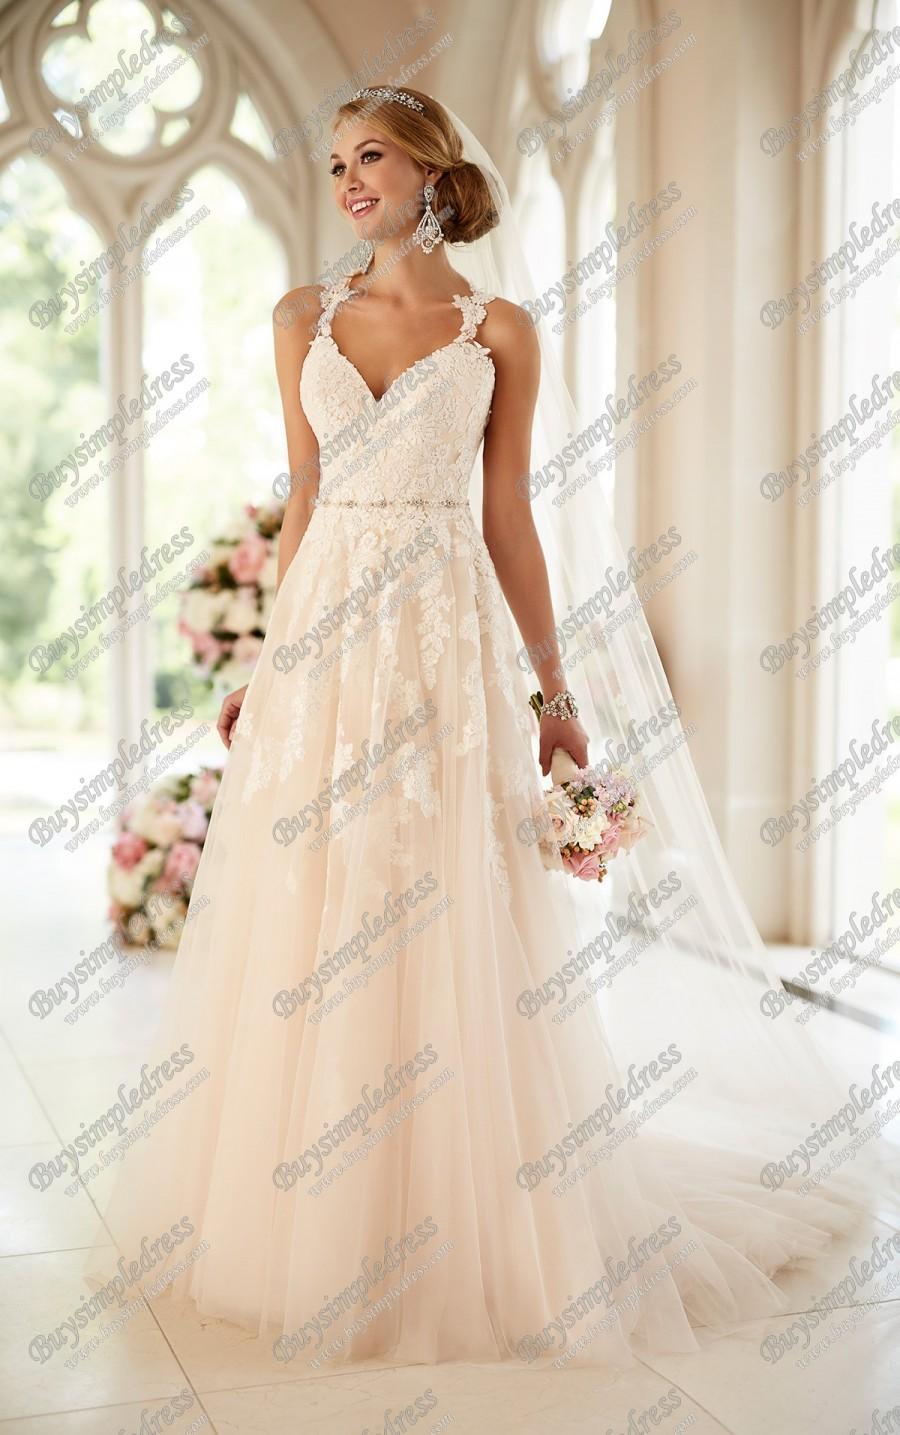 Stella York Wedding Dress Style 6144 #2427129 - Weddbook